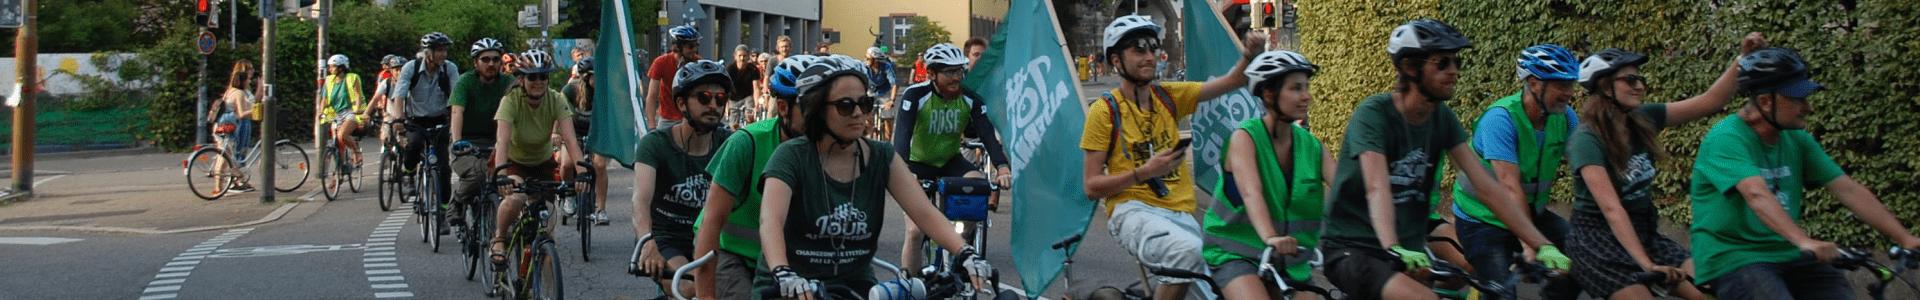 Radeln für ein besseres Klima – die Tour Alternatiba in Freiburg